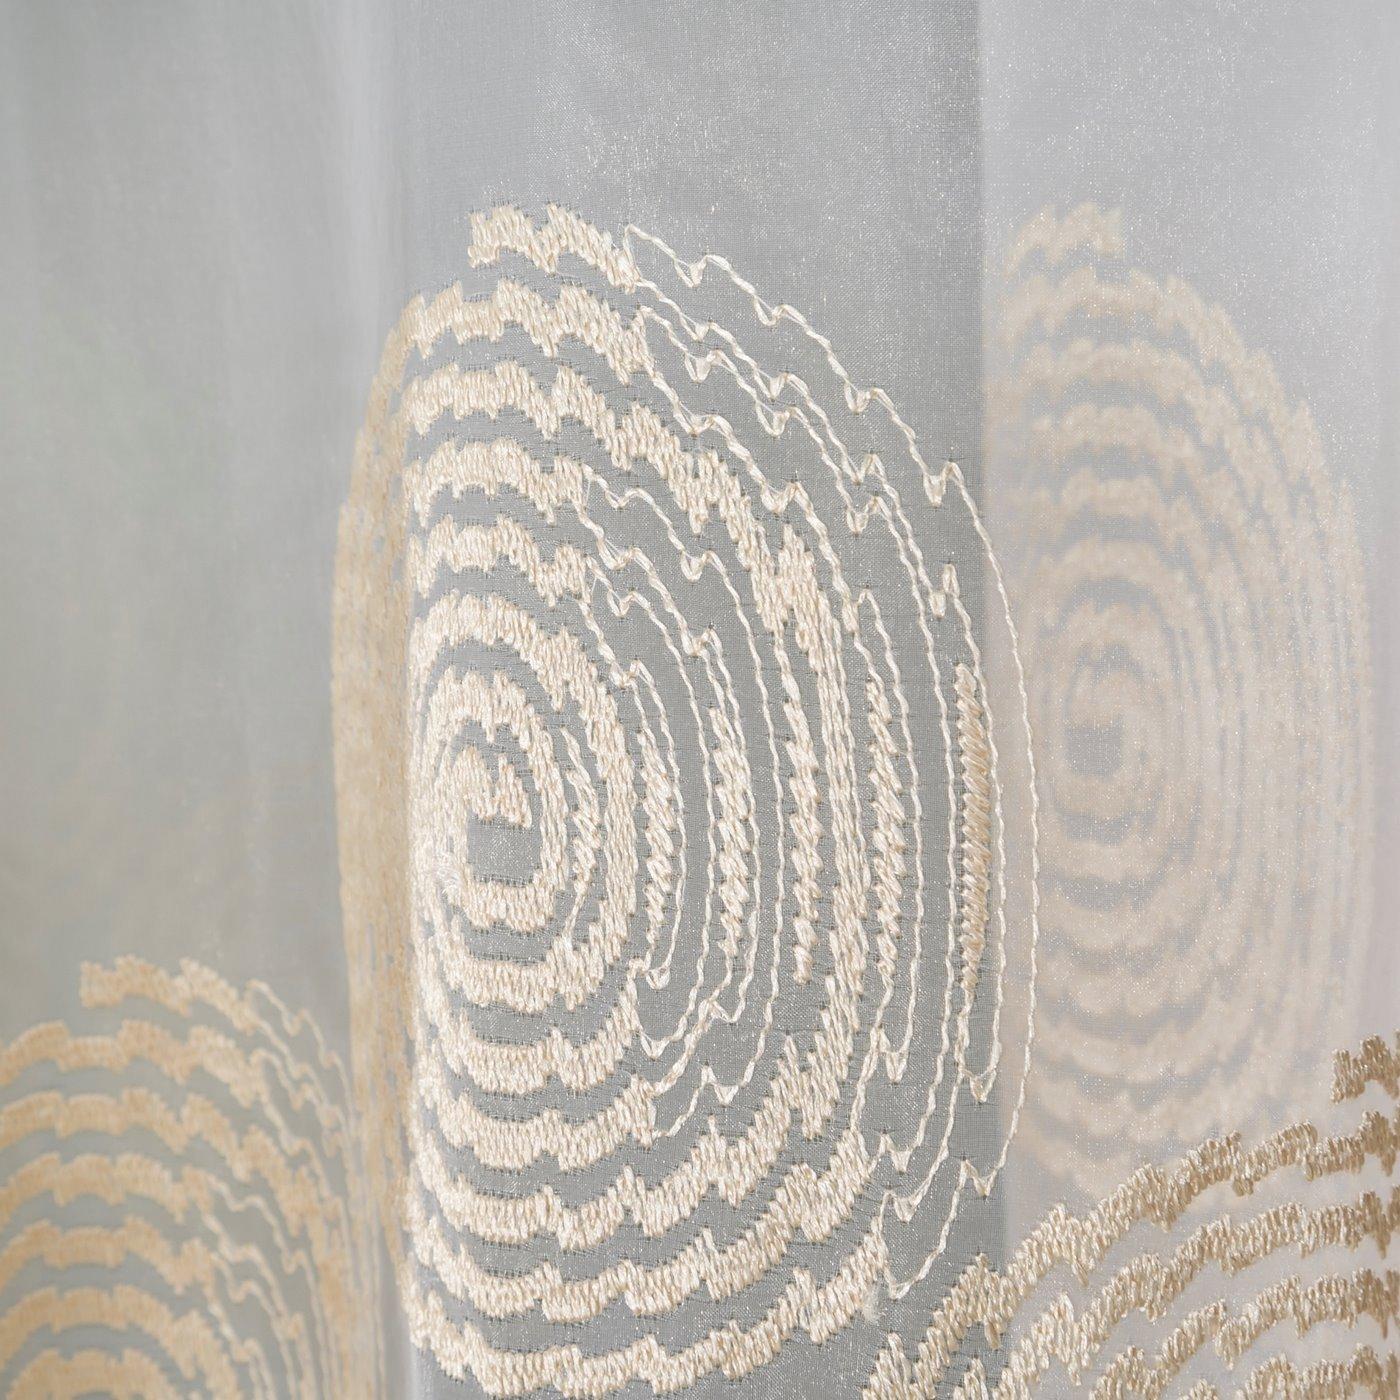 Firana haftowana beżowe ślimaczki biała przelotki  400x160cm